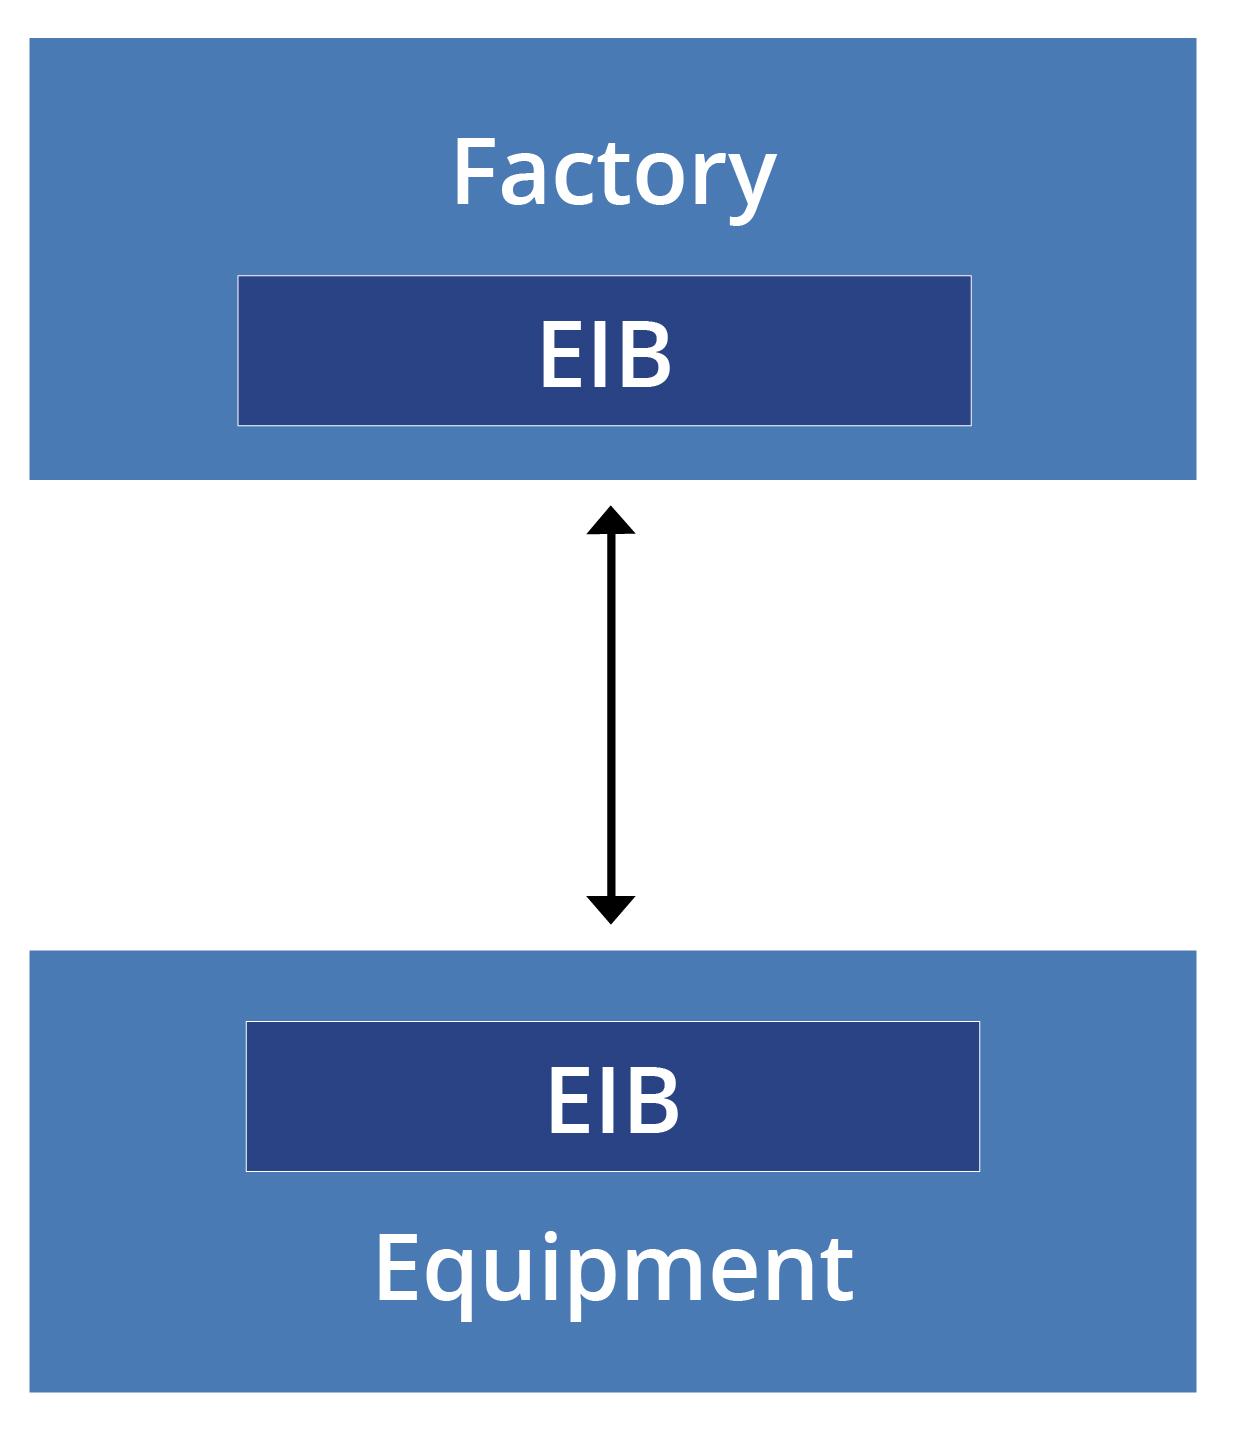 EIB Underlying Technology